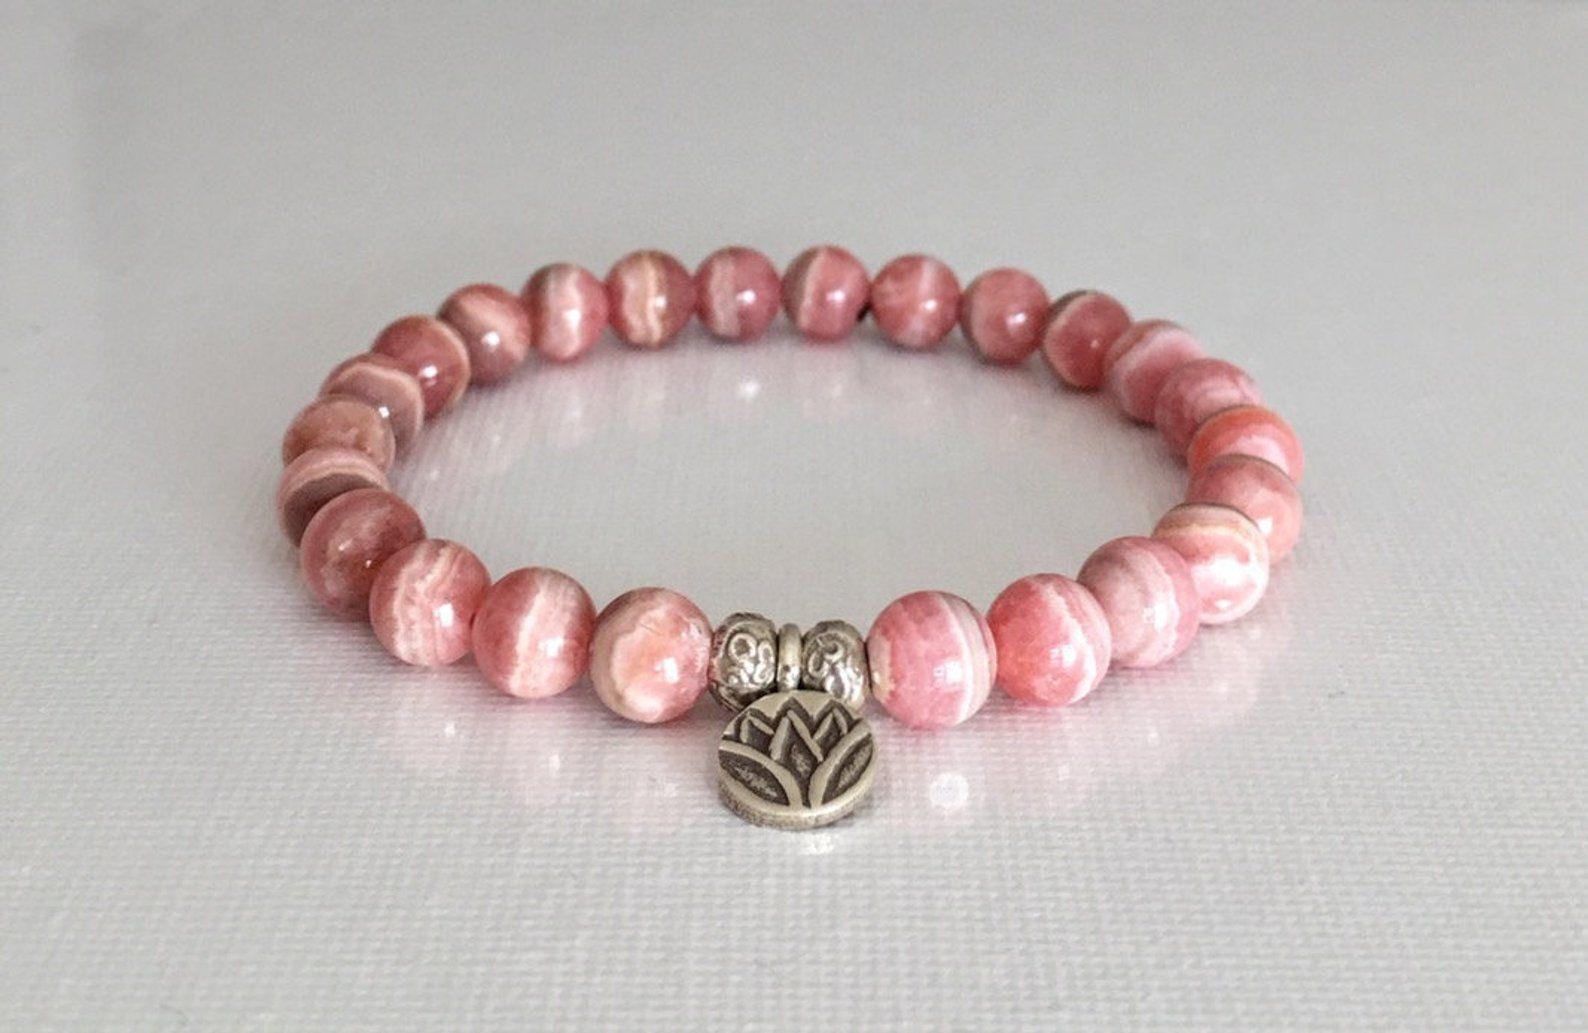 Rhodochrosite Mineral,Rhodochrosite Healing Bracelet LadiesCrystals 8mm Rhodochrosite Bracelet Rhodochrosite Bracelets 8 mm Yoga Energy